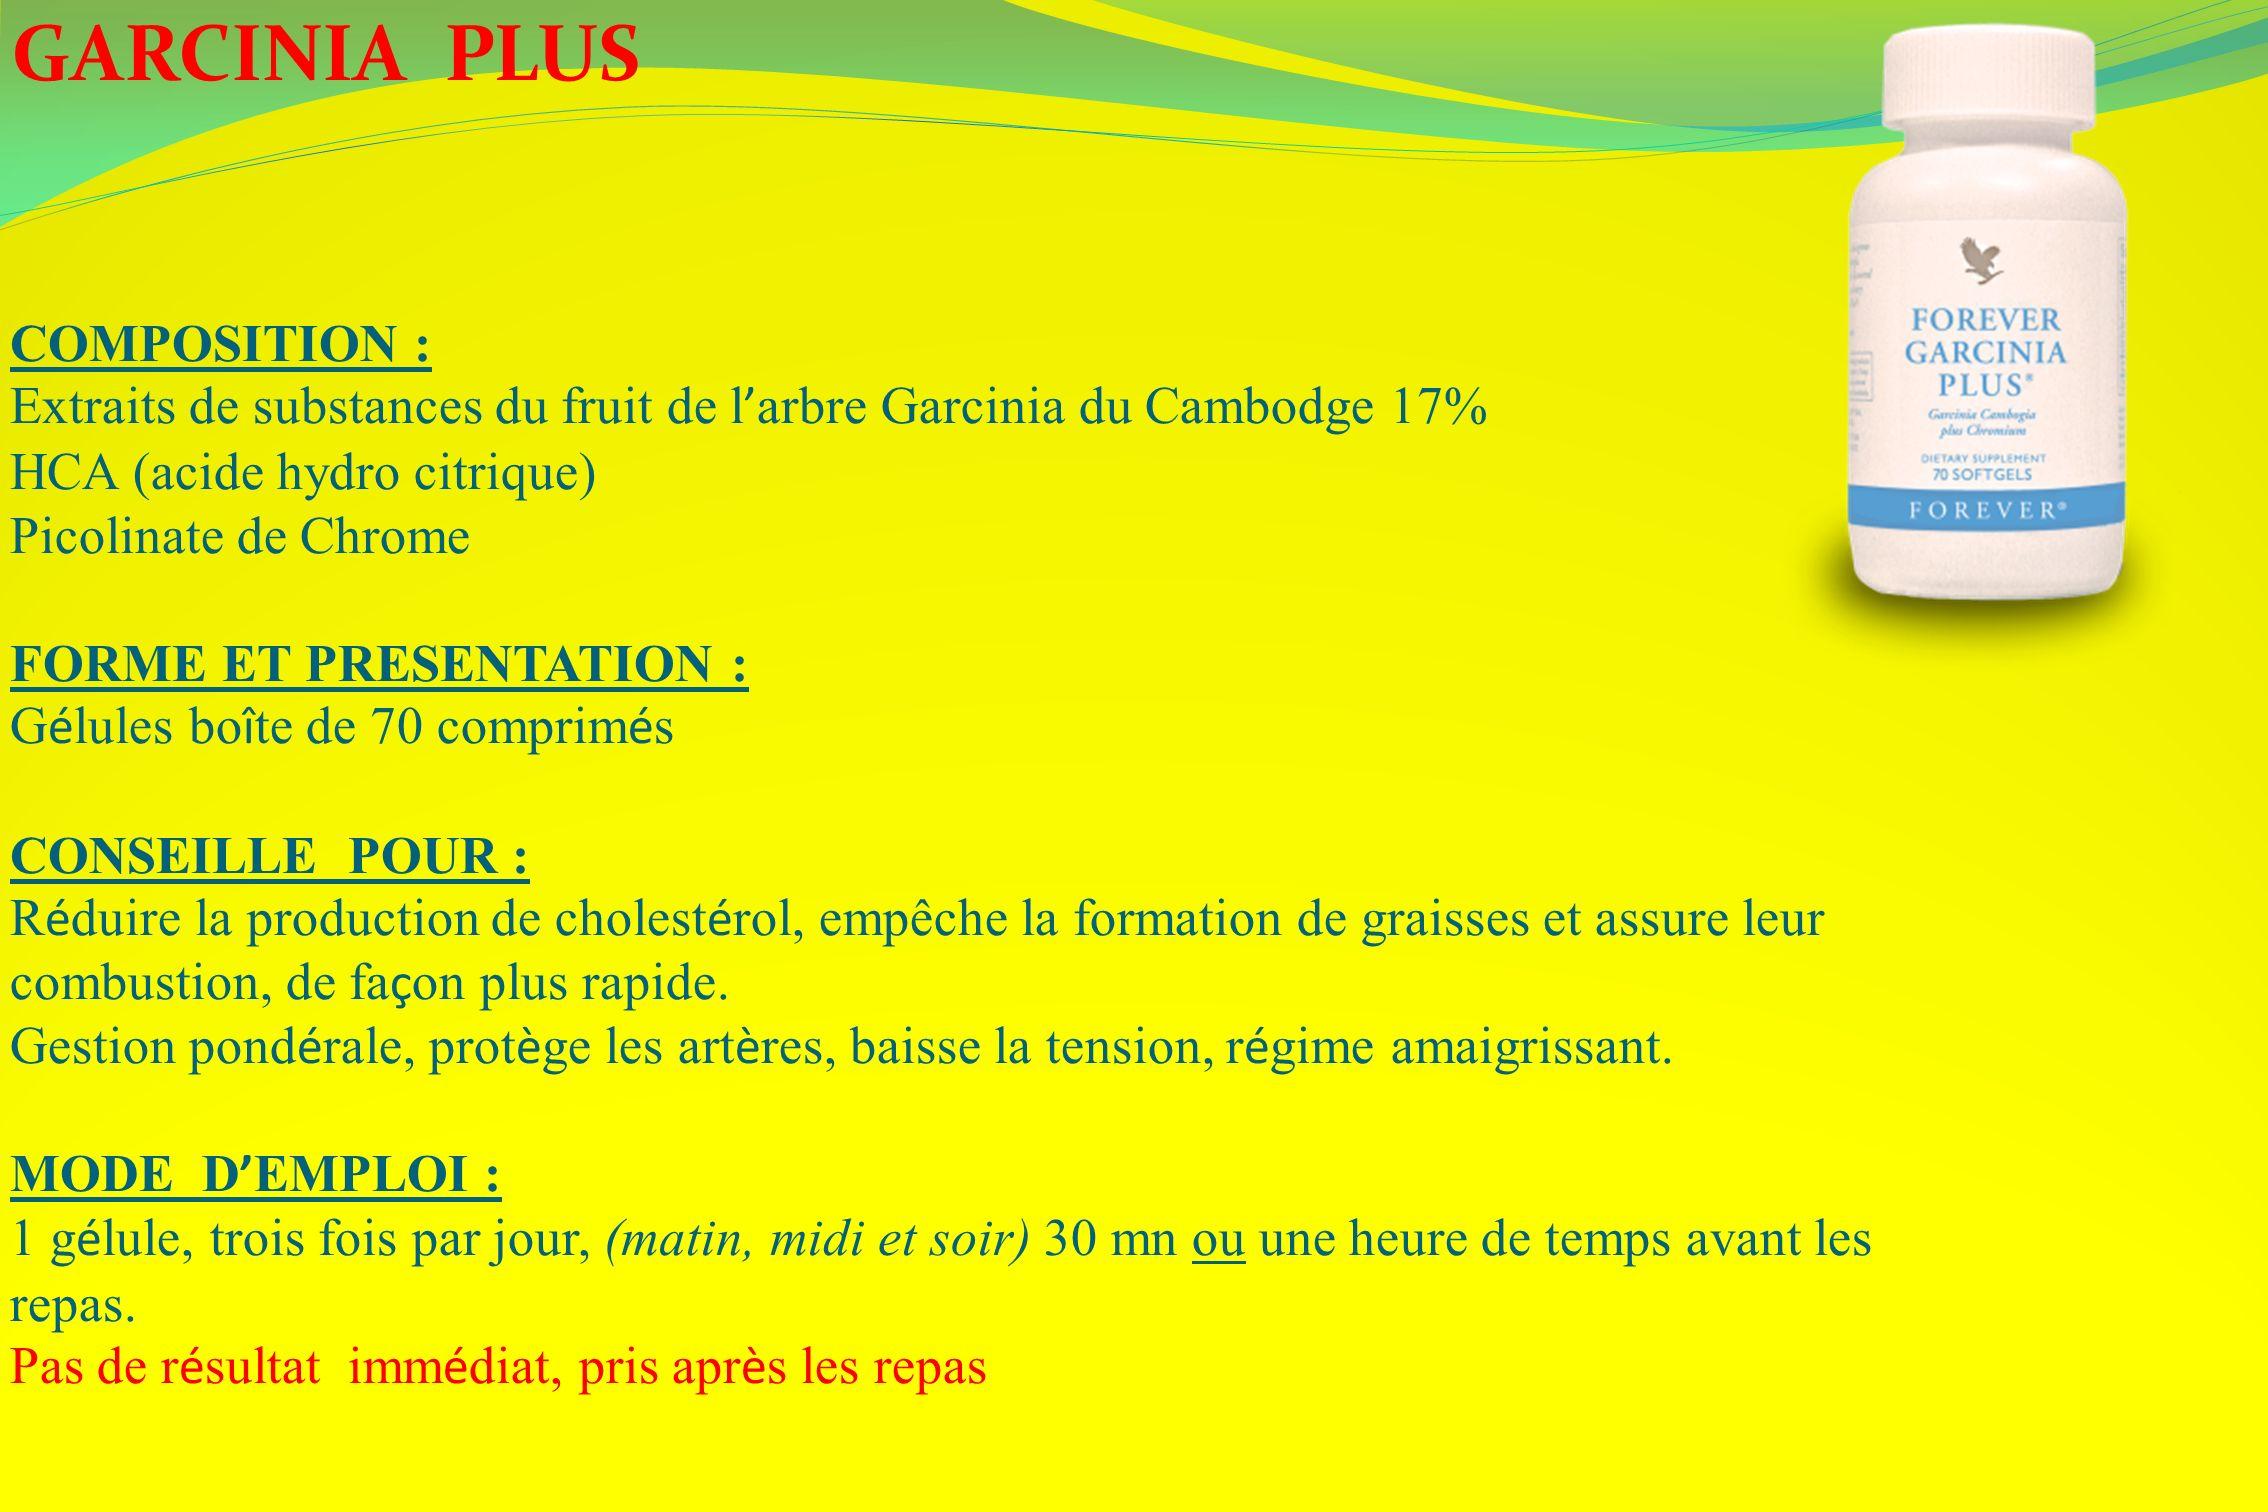 GARCINIA PLUS COMPOSITION : Extraits de substances du fruit de l arbre Garcinia du Cambodge 17% HCA (acide hydro citrique) Picolinate de Chrome FORME